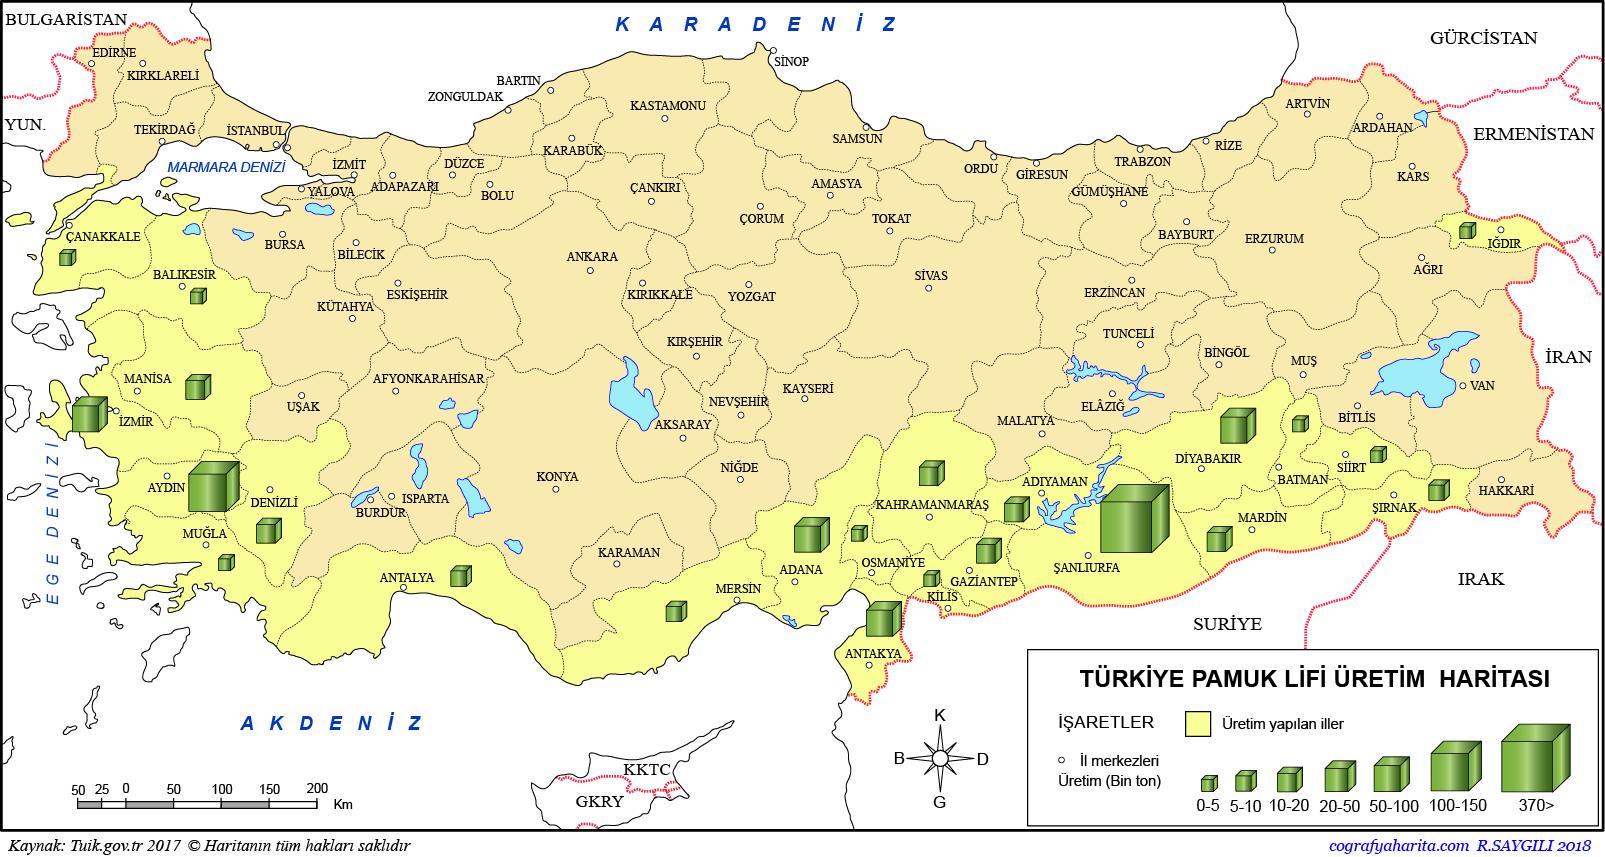 Türkiye Pamuk Üretim Haritası 2